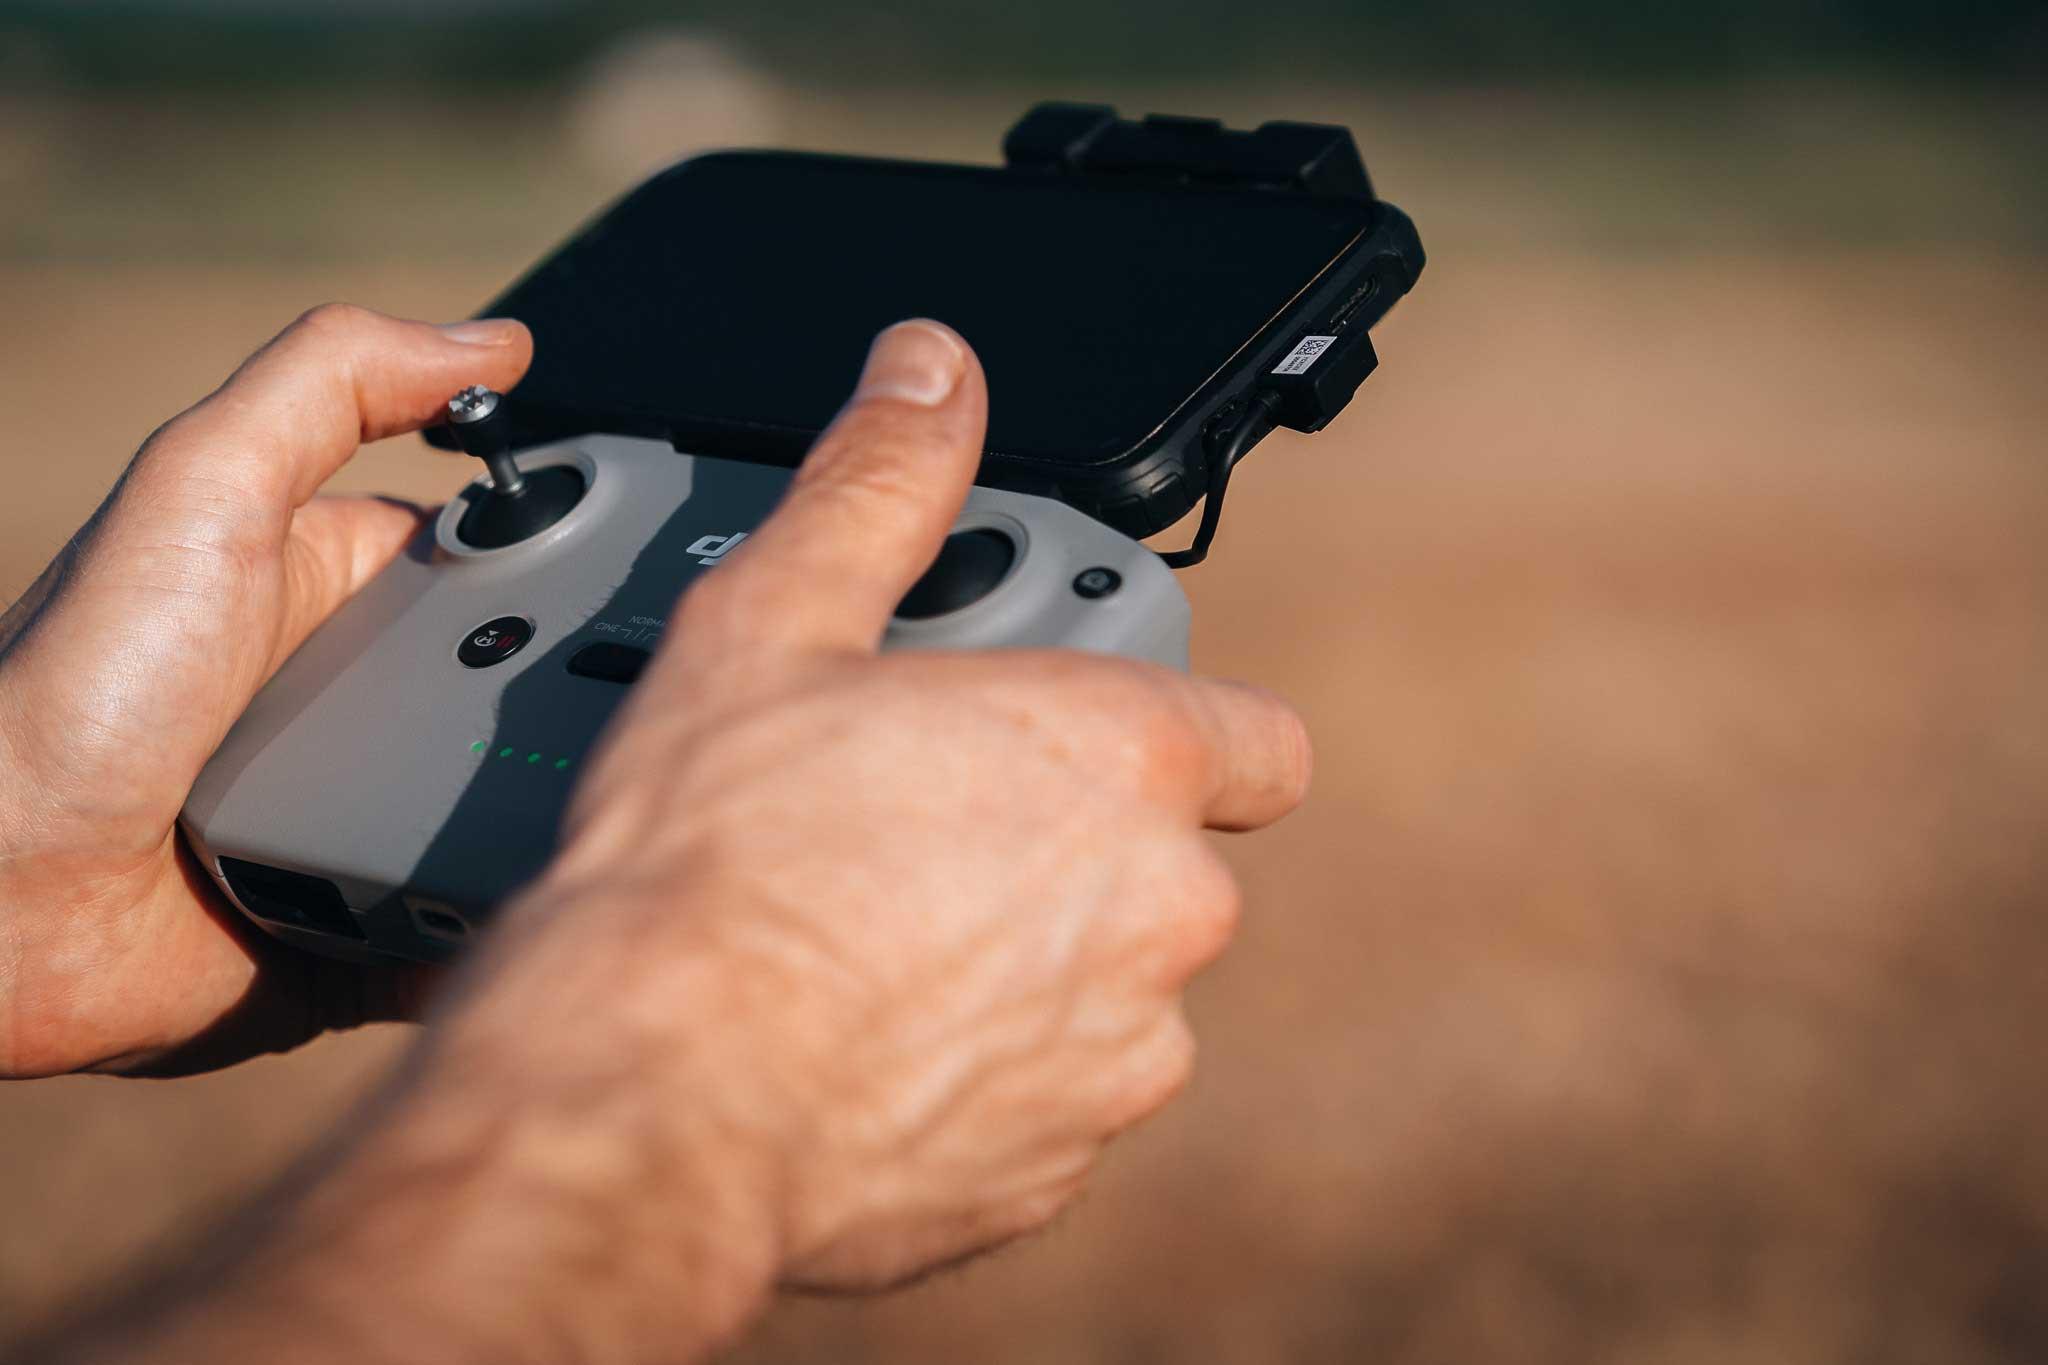 Controleur a distance du drone et mains du pilote